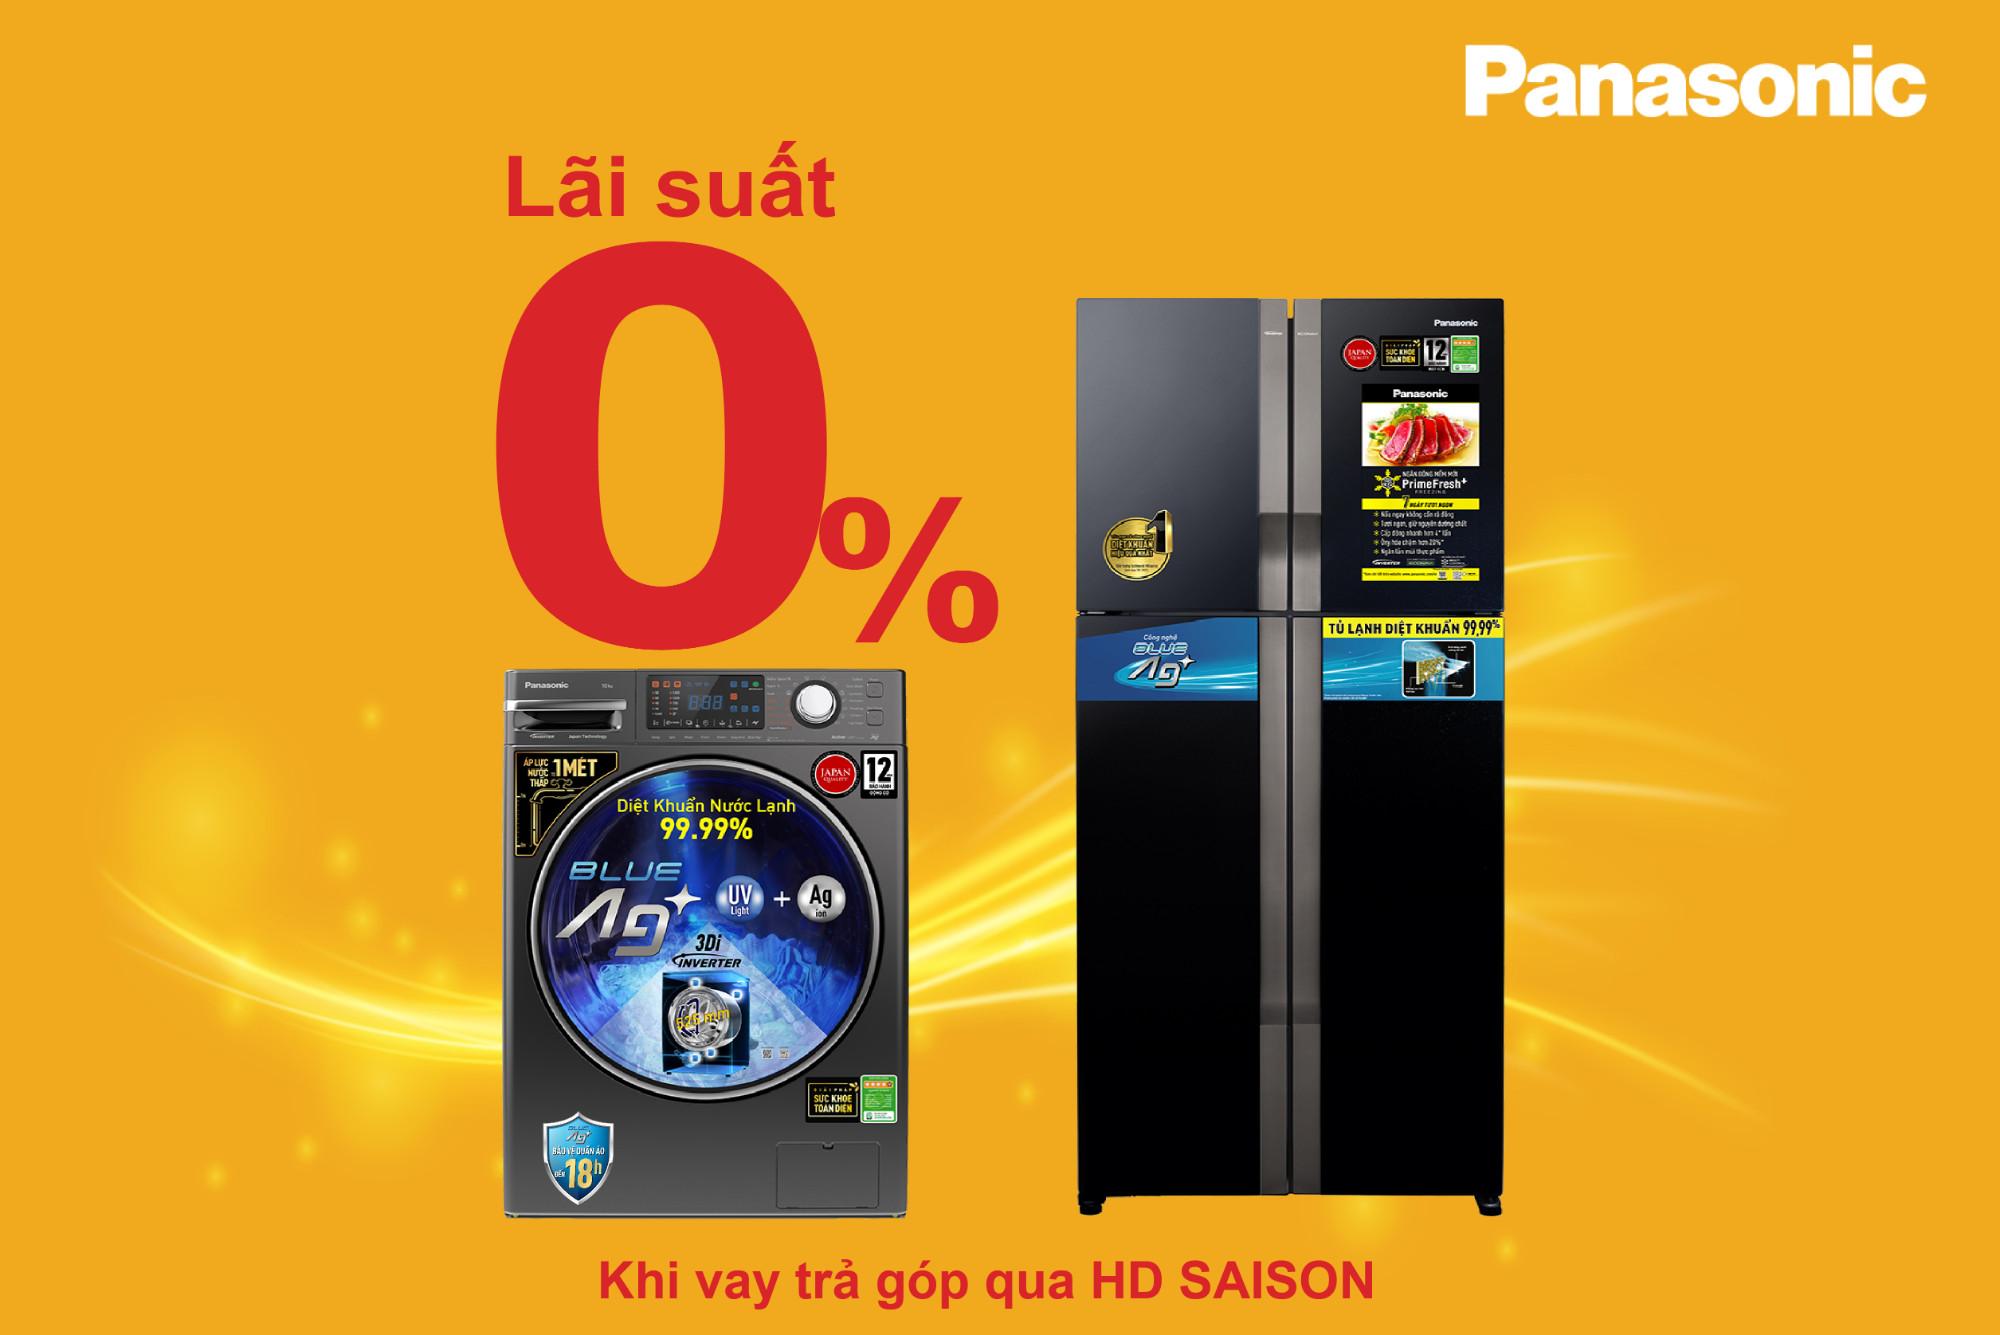 Miễn lãi khi sắm sản phẩm Panasonic